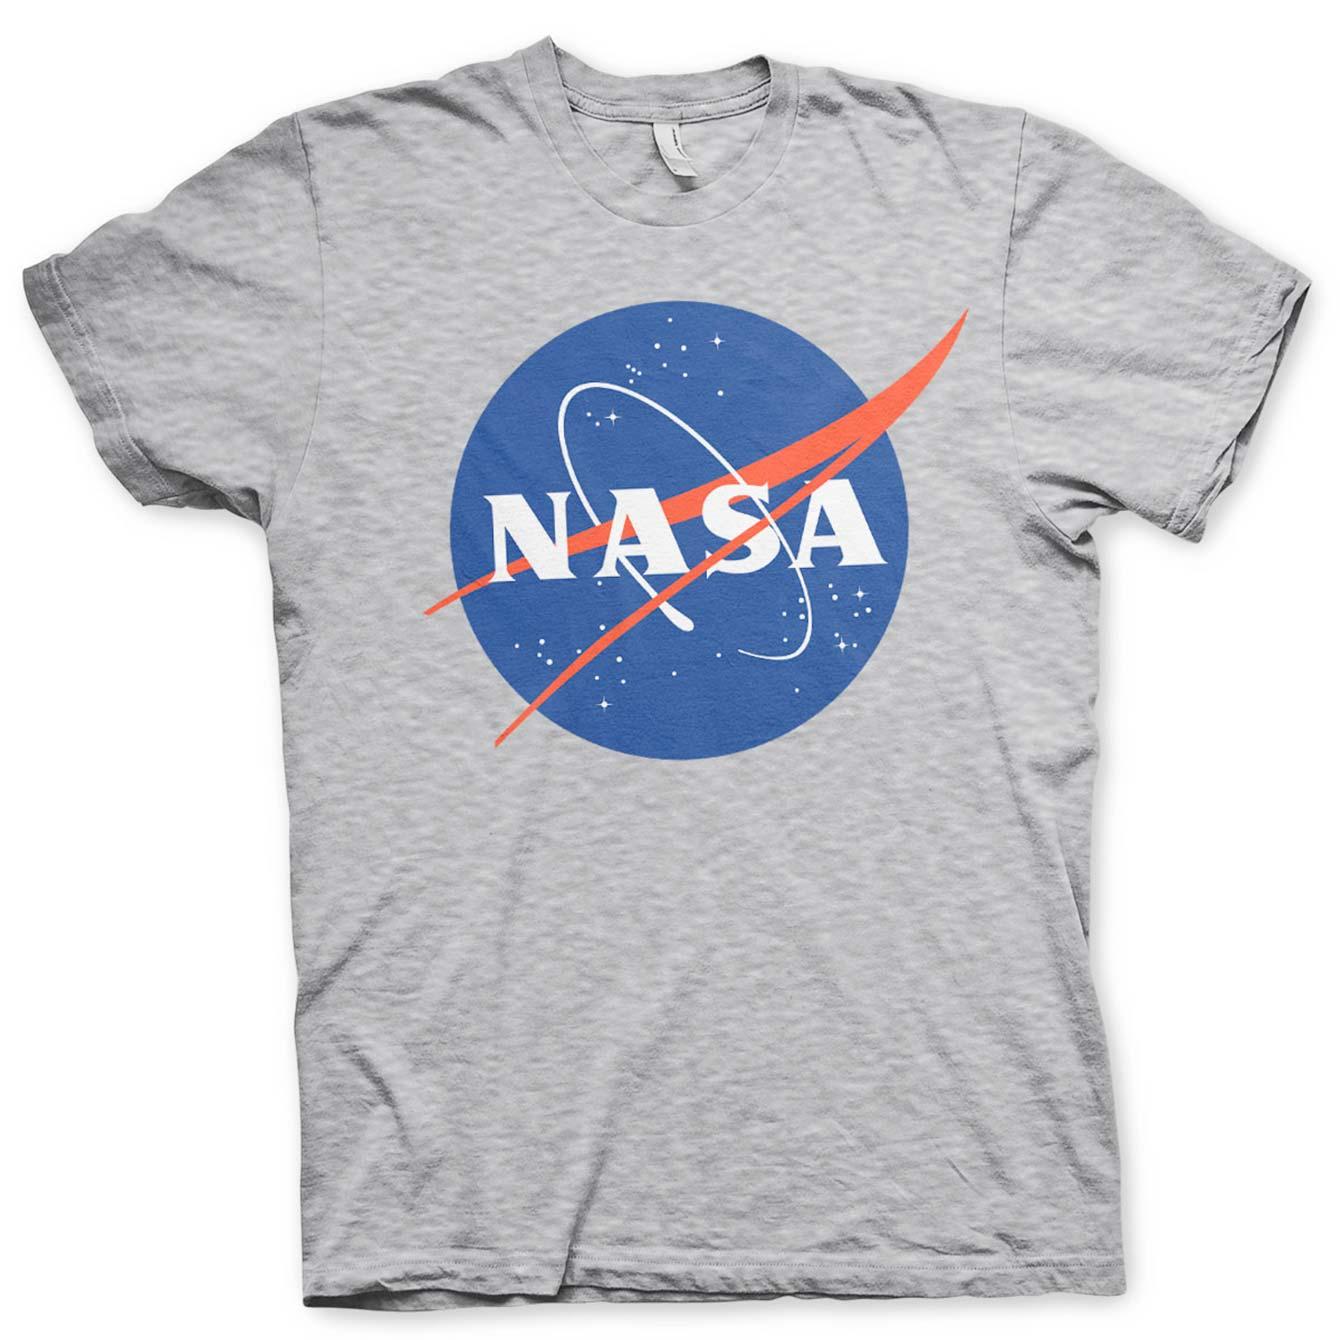 nasa-logo-graa-t-shirt